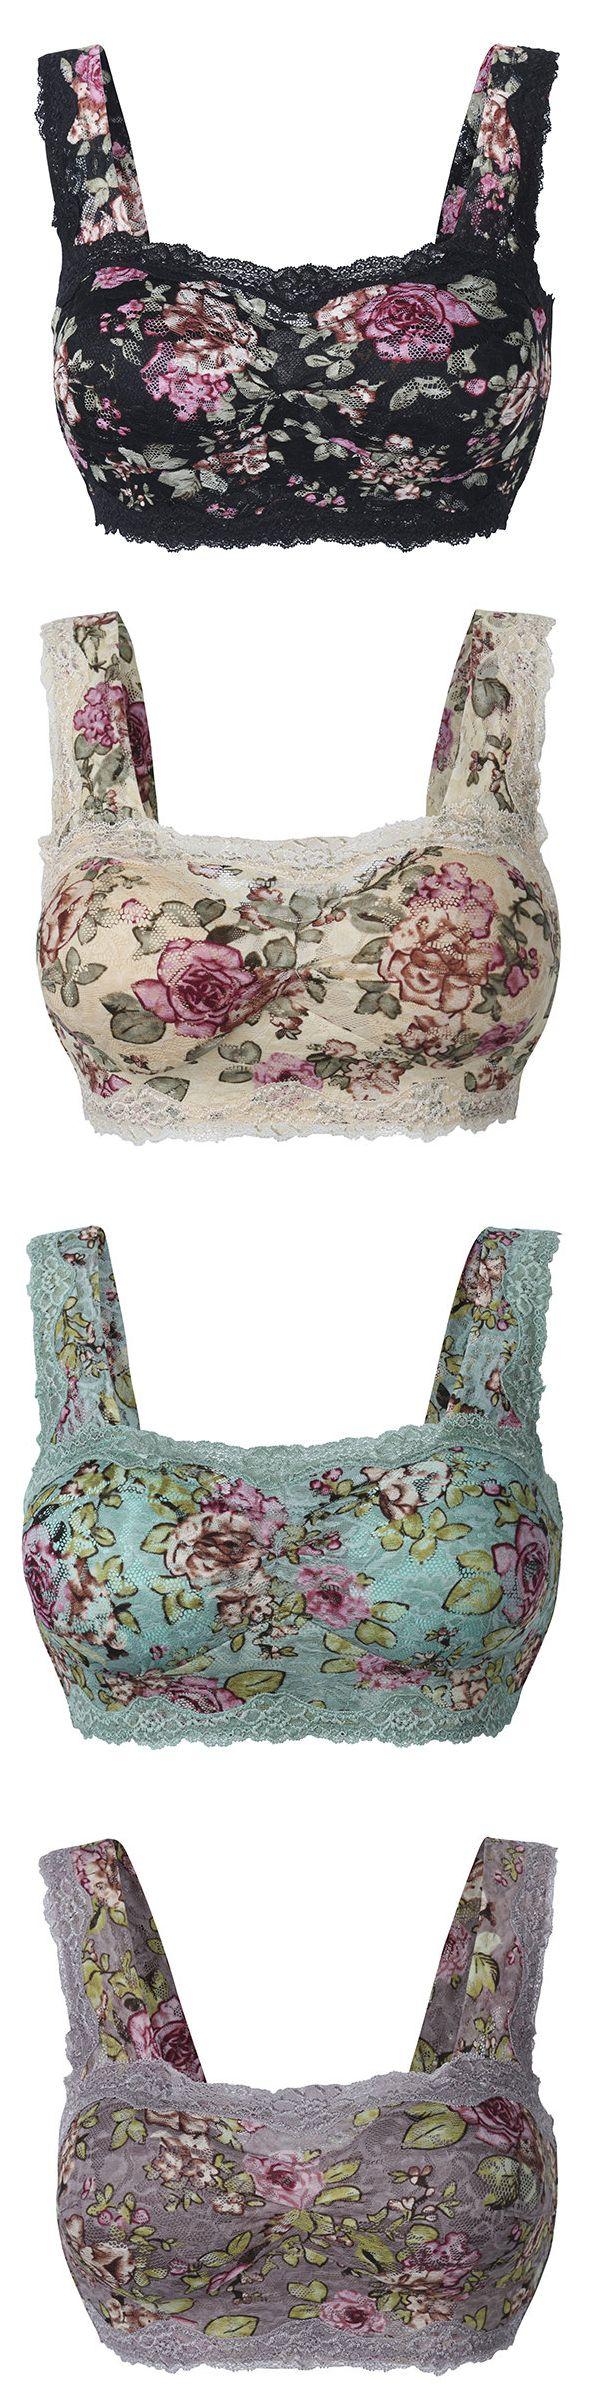 Plus Size Floral Lace Hem Bras Breathable Wireless Vest Bra